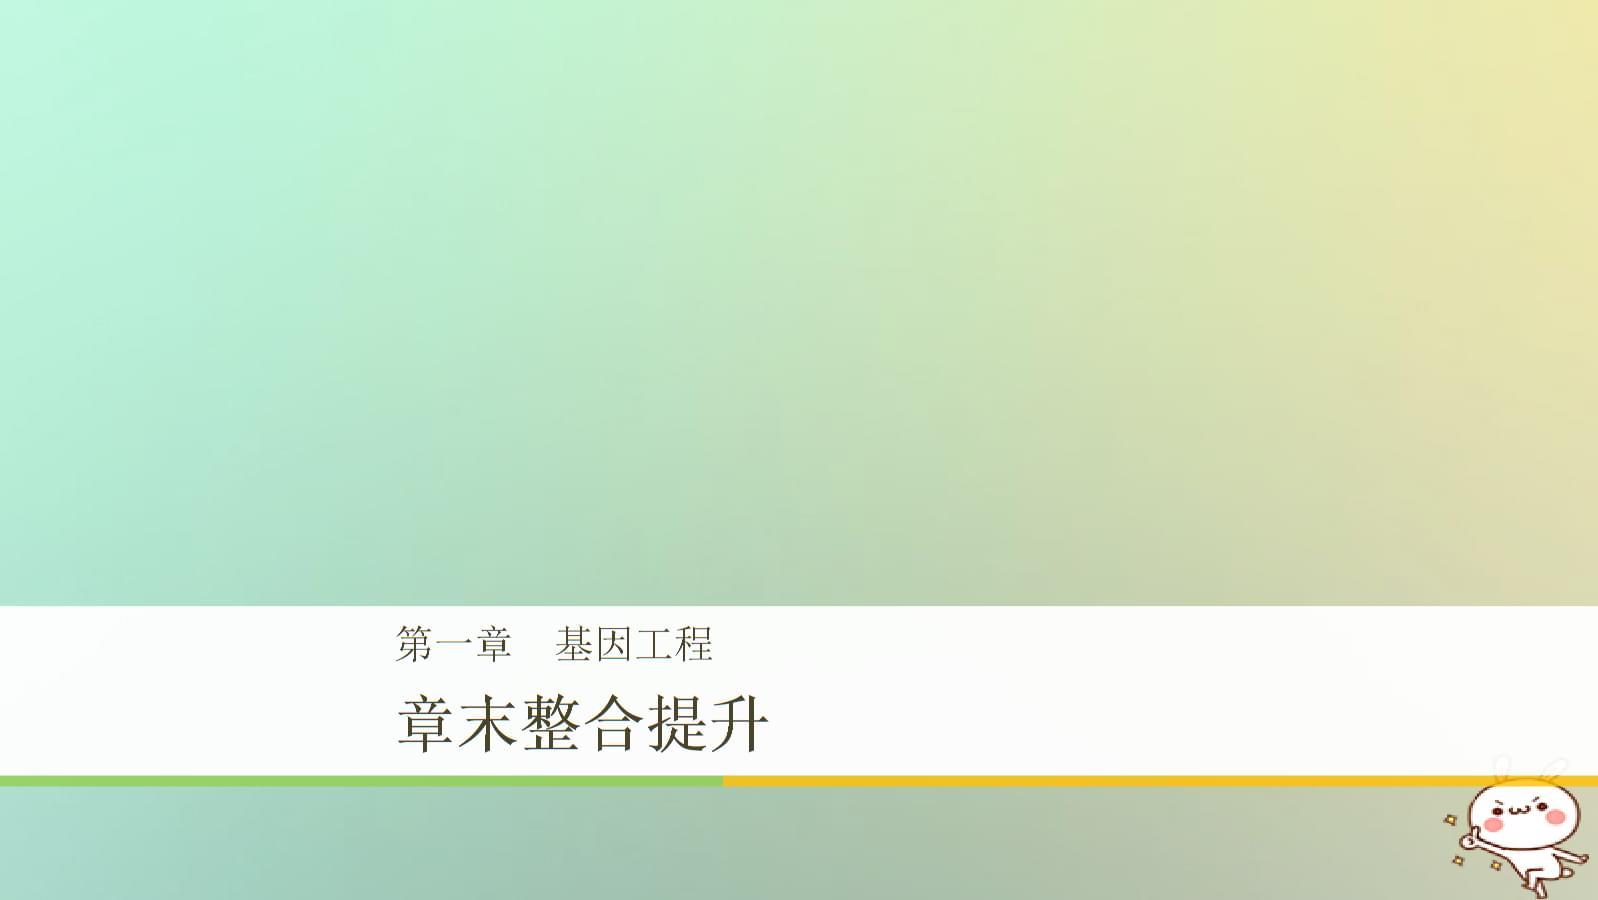 18-19版高中生物 第一章 基因工程章末整合提升 3.ppt